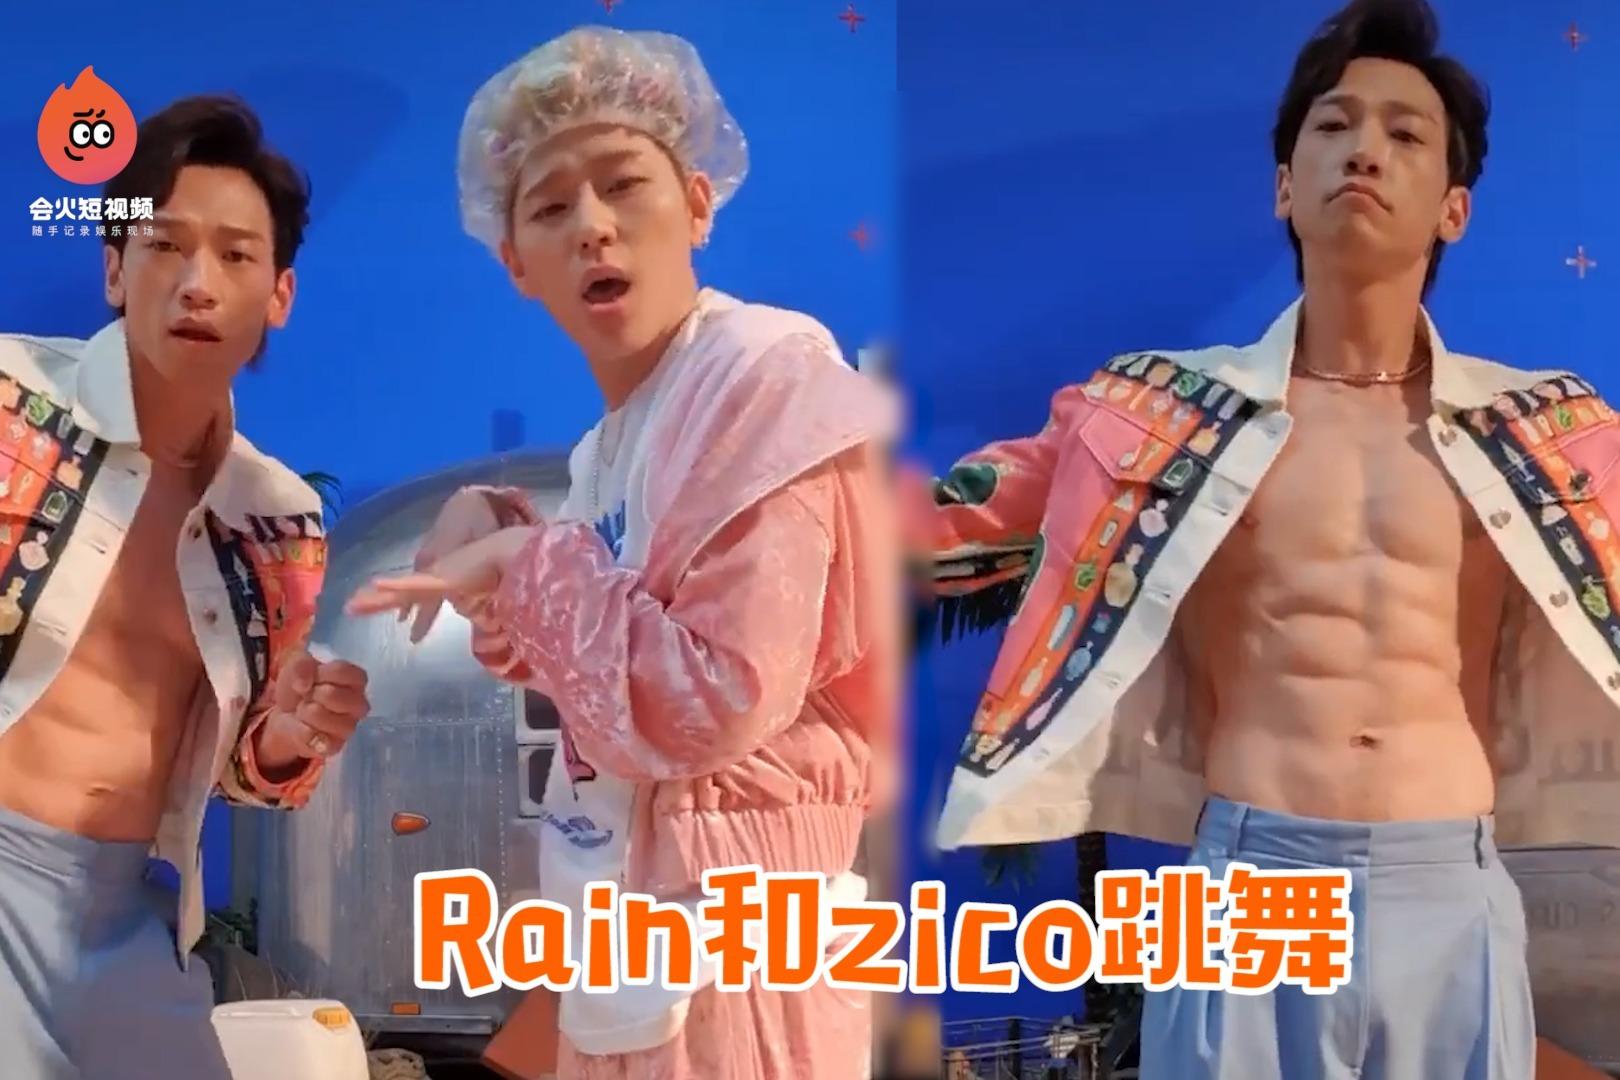 Rain真空跳舞秀好身材,八块腹肌瞩目!和小10岁男星同框不输